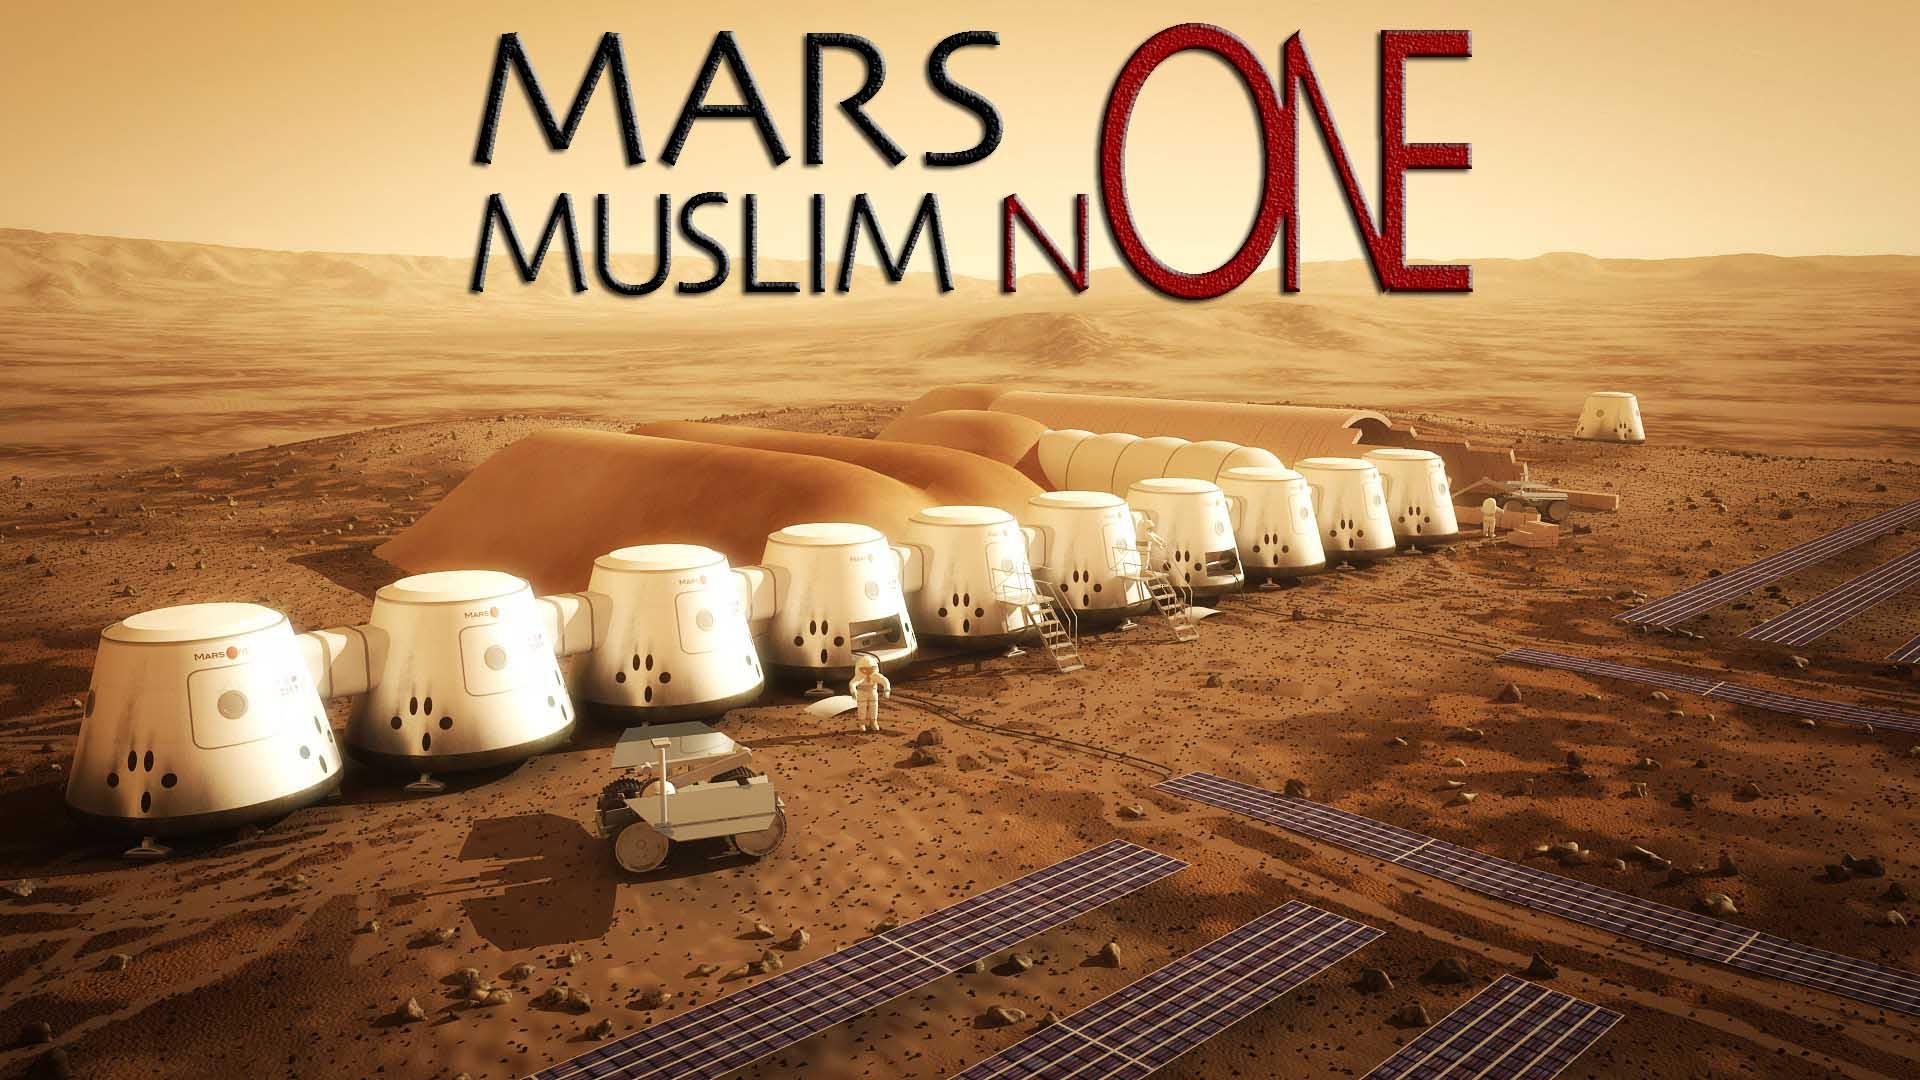 Mars one muslim none keine muslime auf dem dem roten Planeten Fatwa Religion